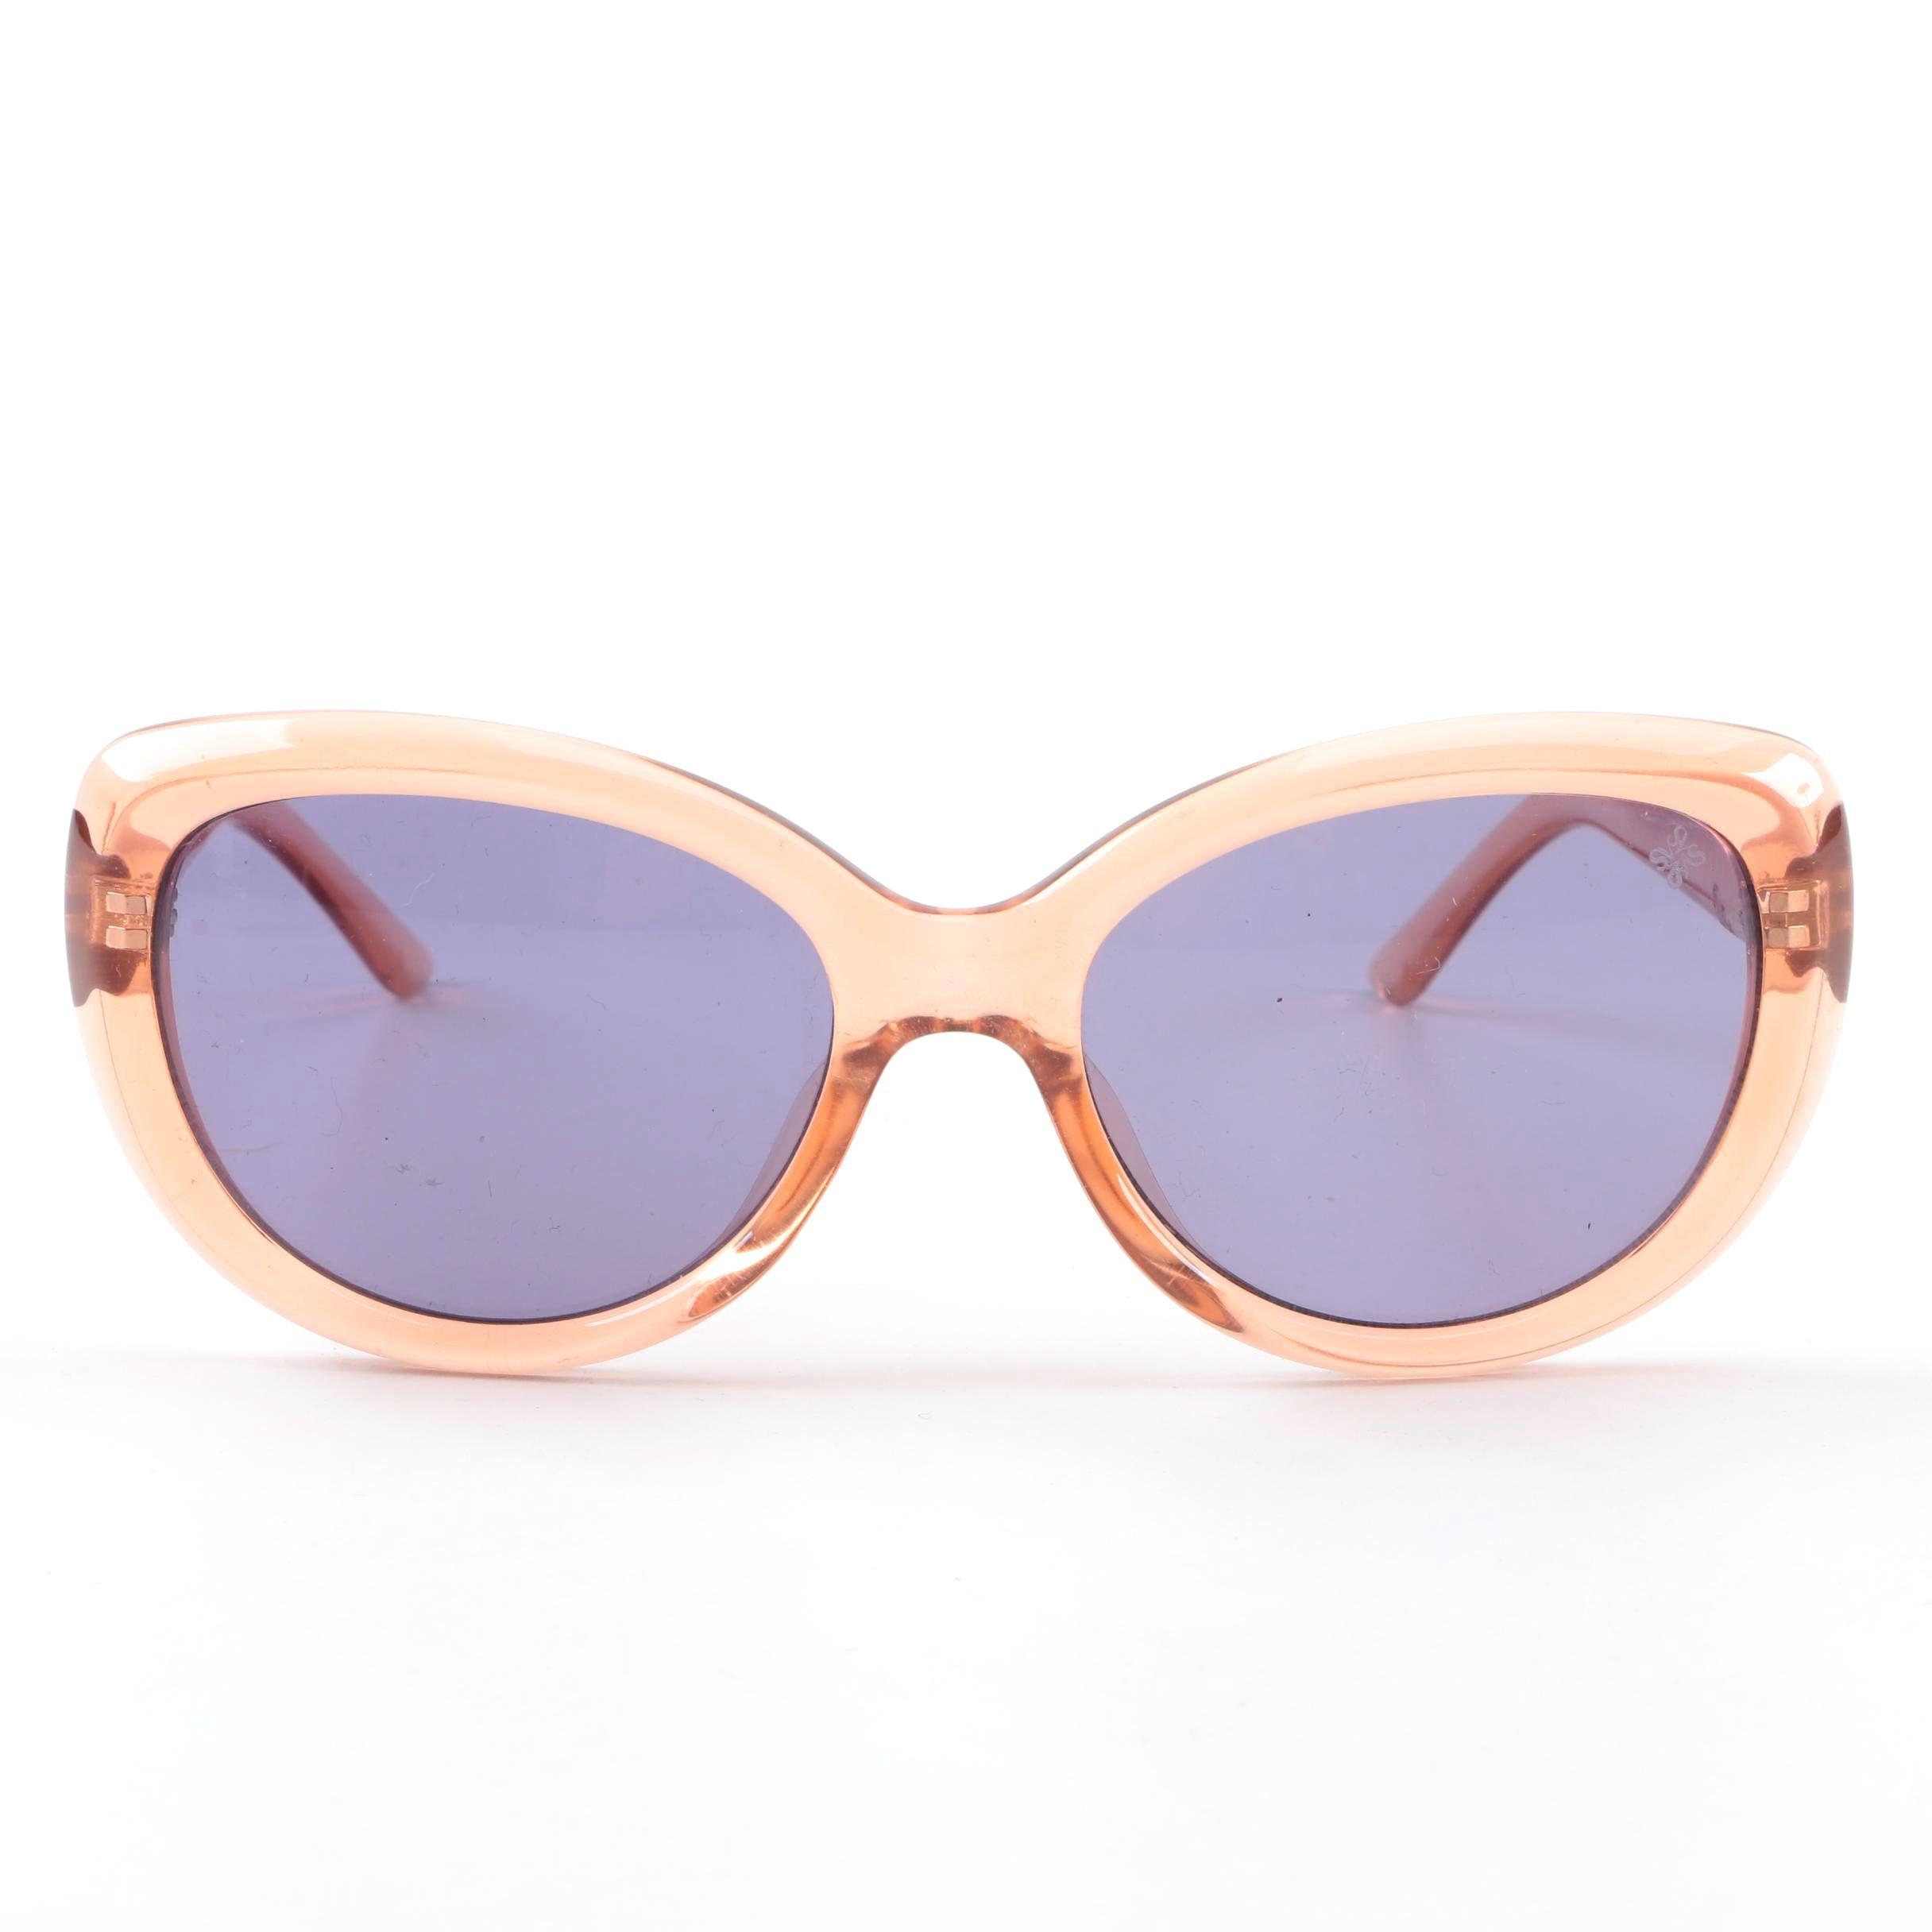 Vera Wang Simply Vera Cat Eye Style Sunglasses